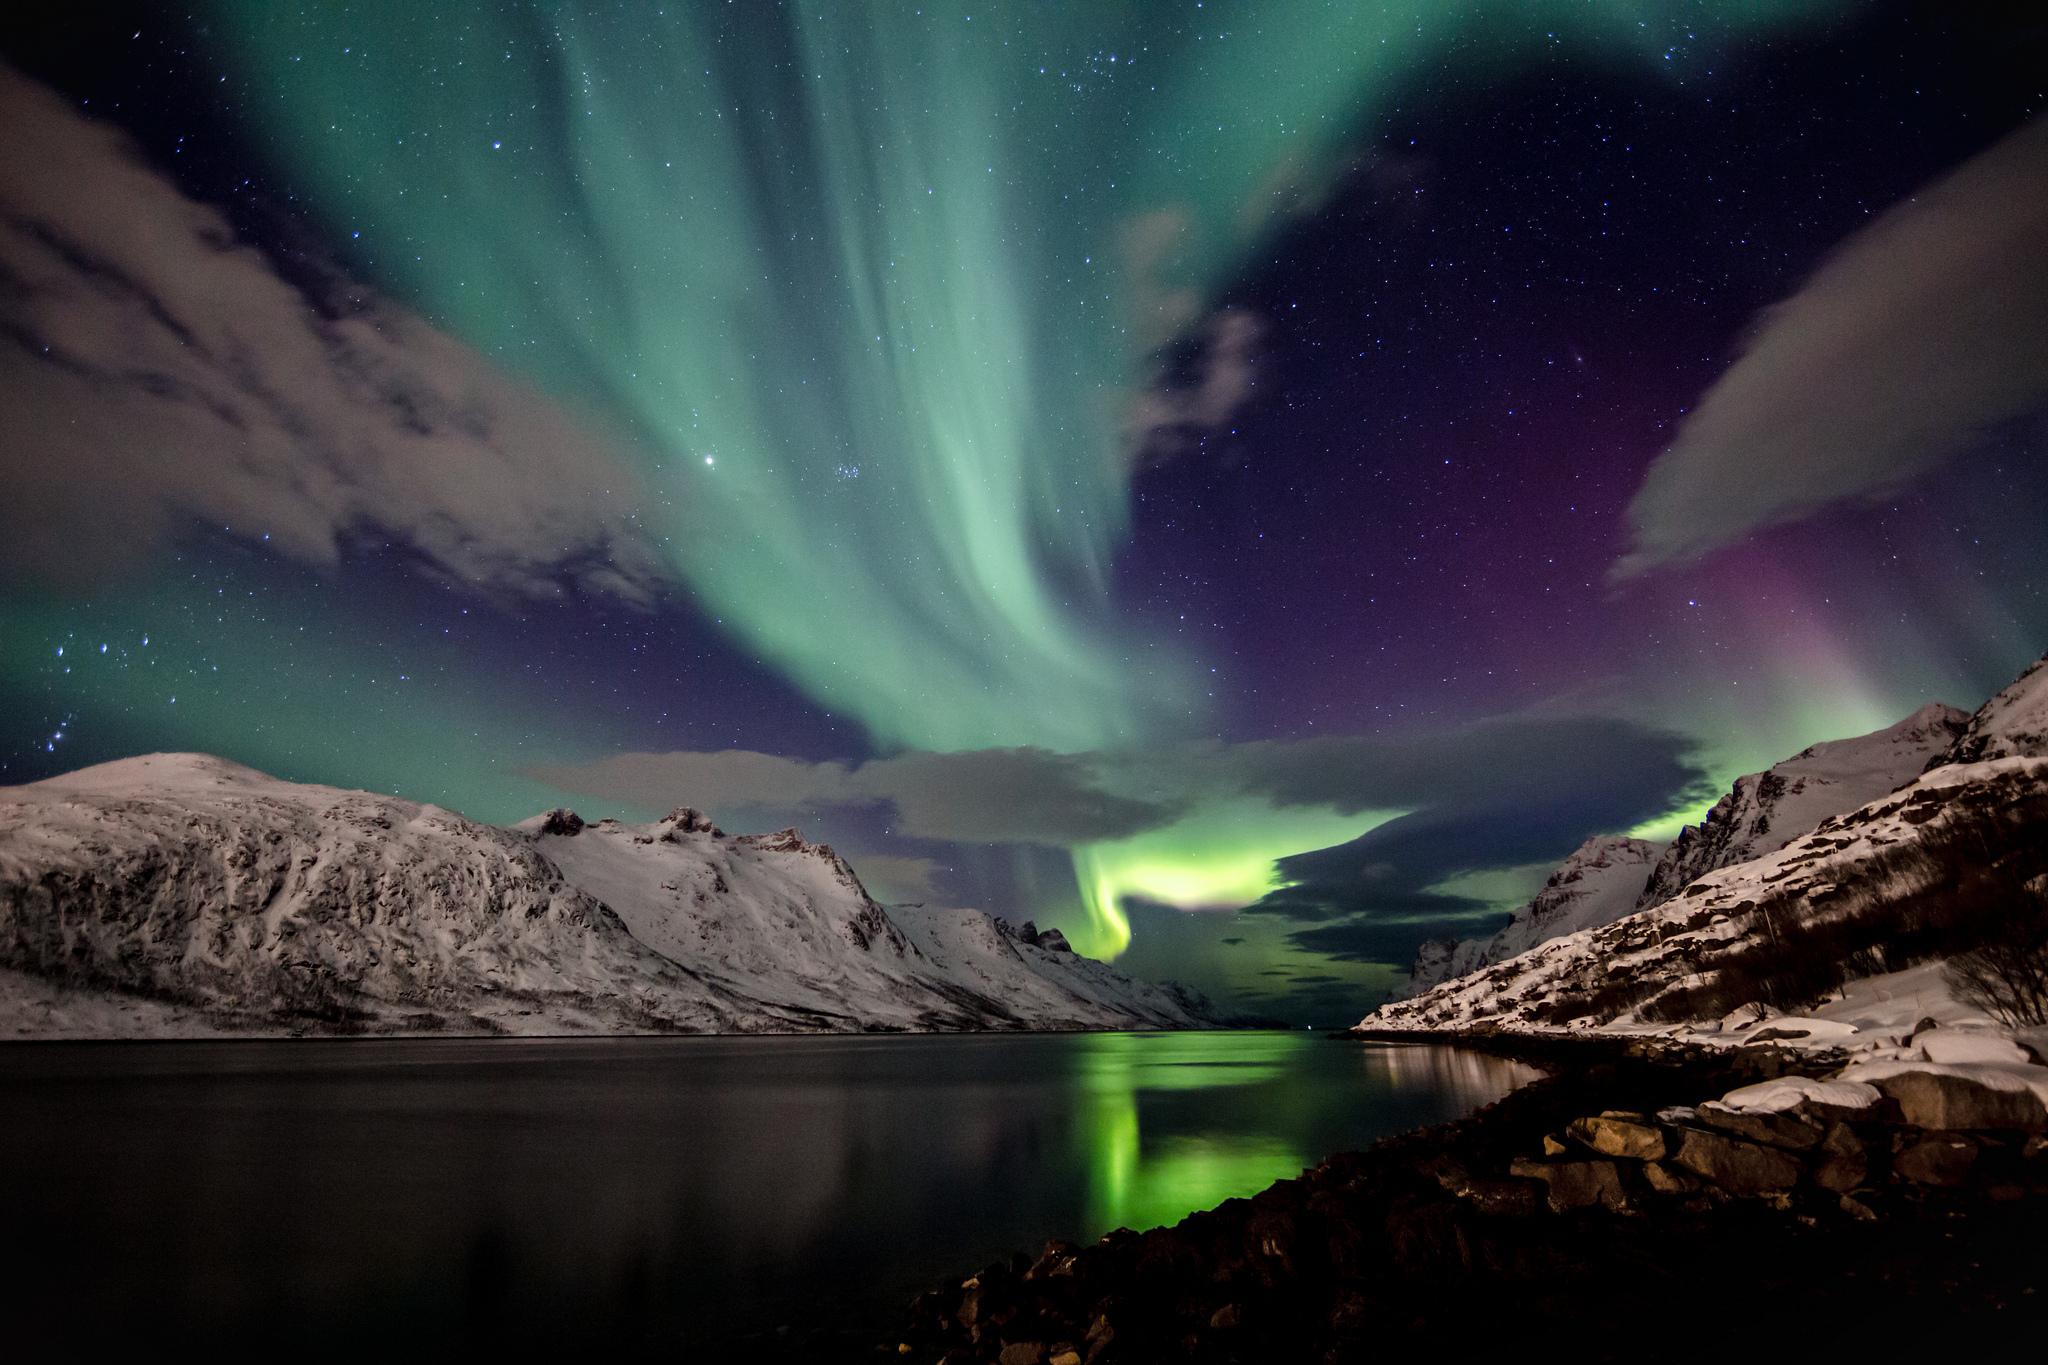 Aurora boreale sfondi per pc 2048x1365 id 487814 for Ordinateur wallpaper